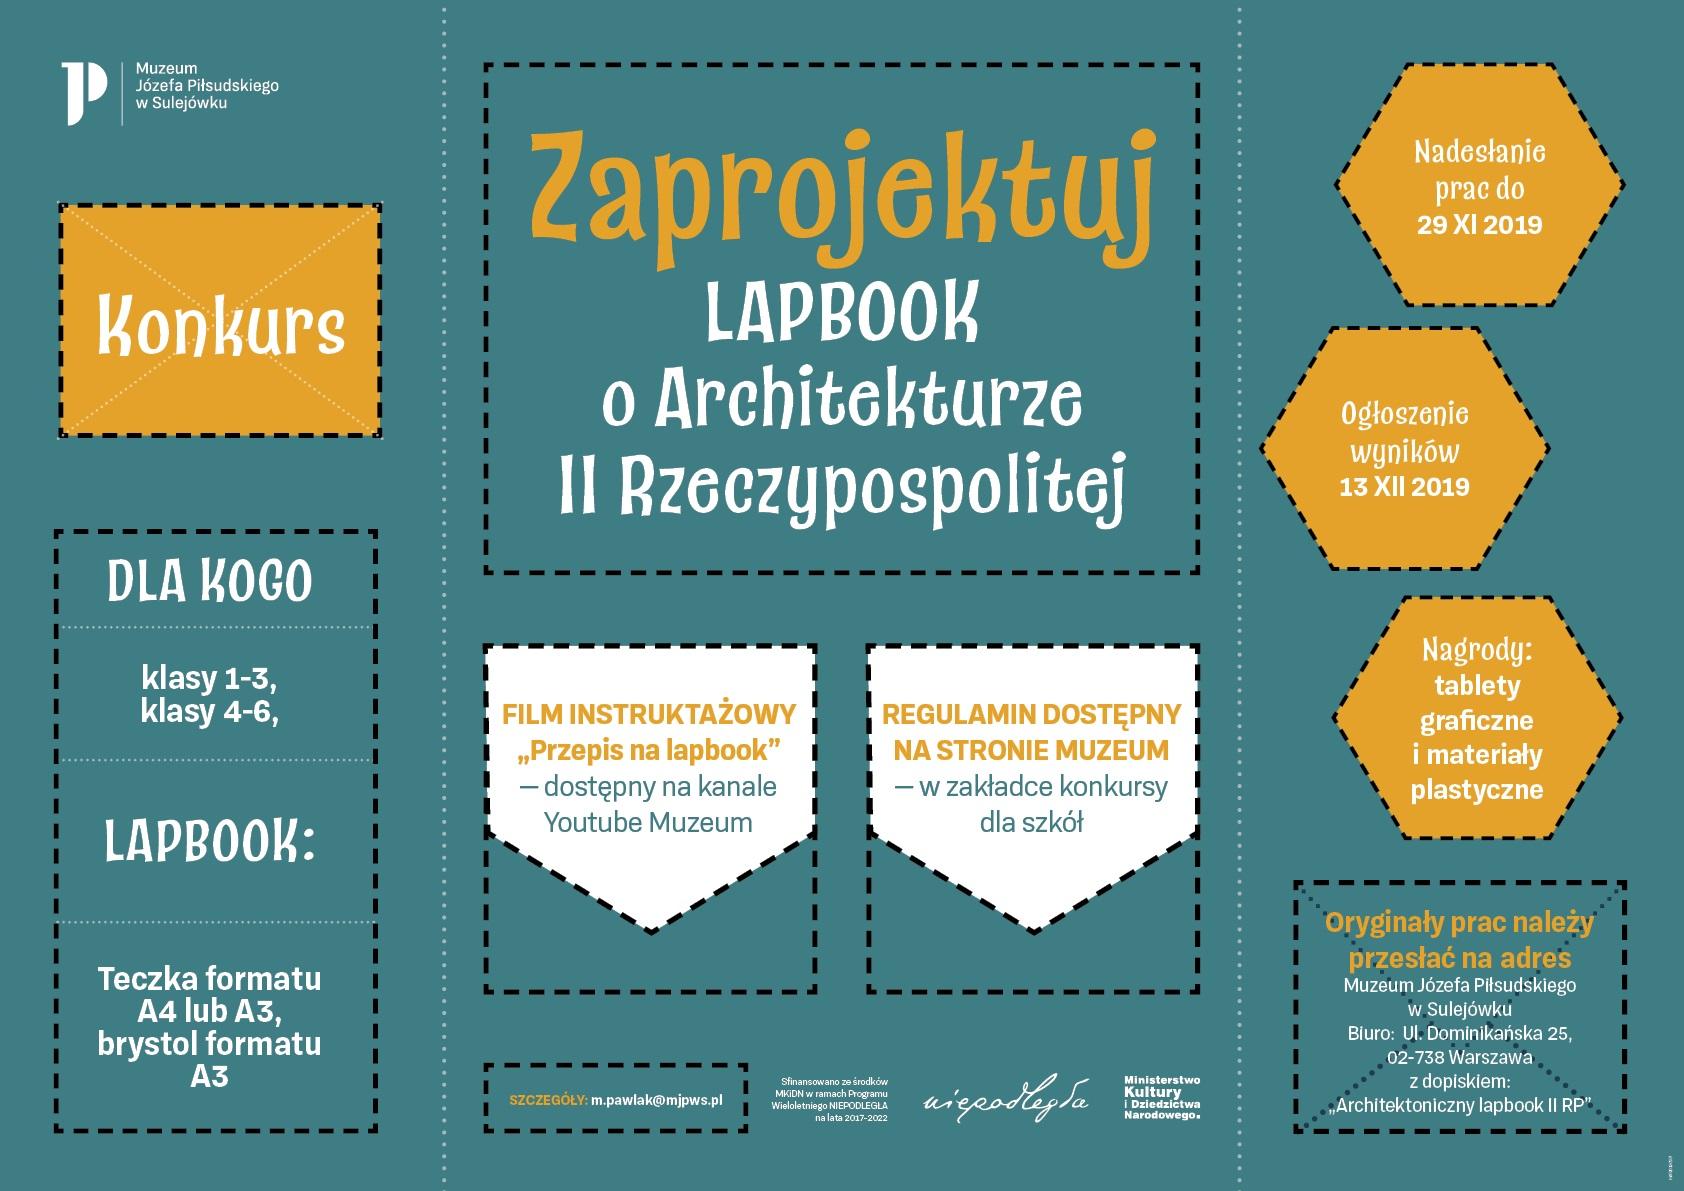 Zaprojektuj Lapbook o Architekturze II Rzeczypospolitej